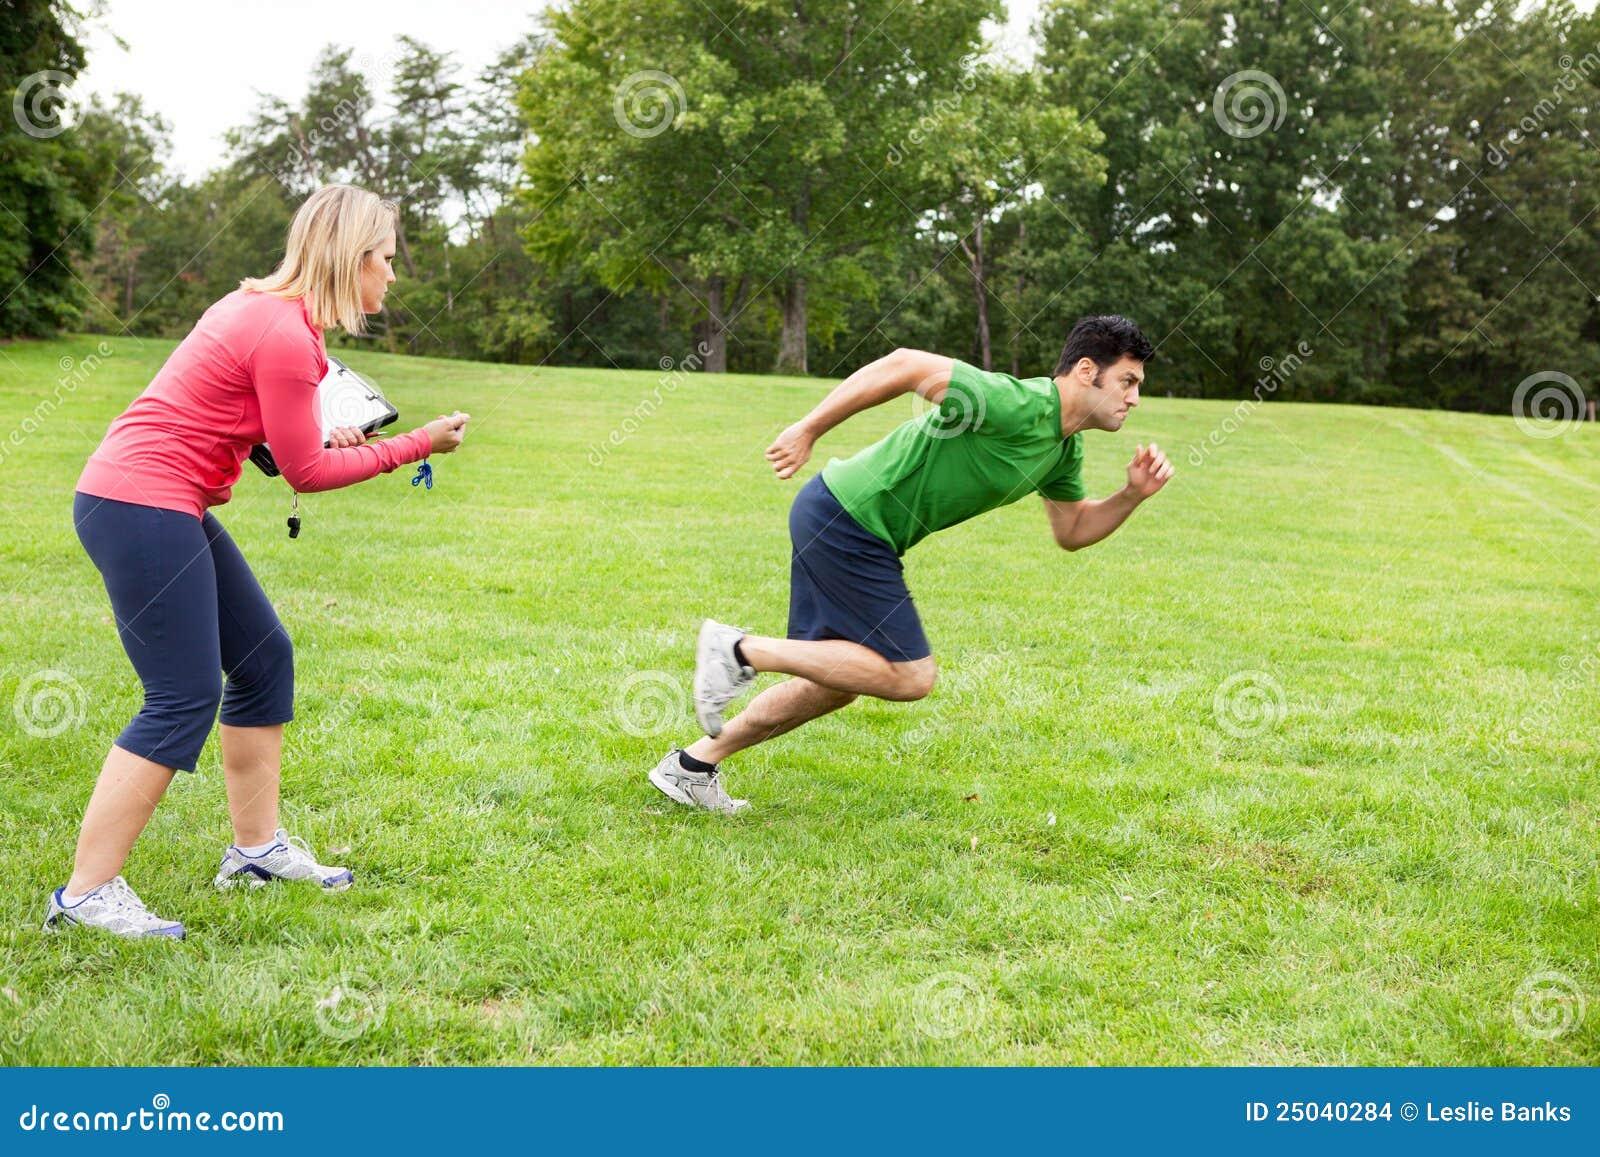 Athlète sprinting